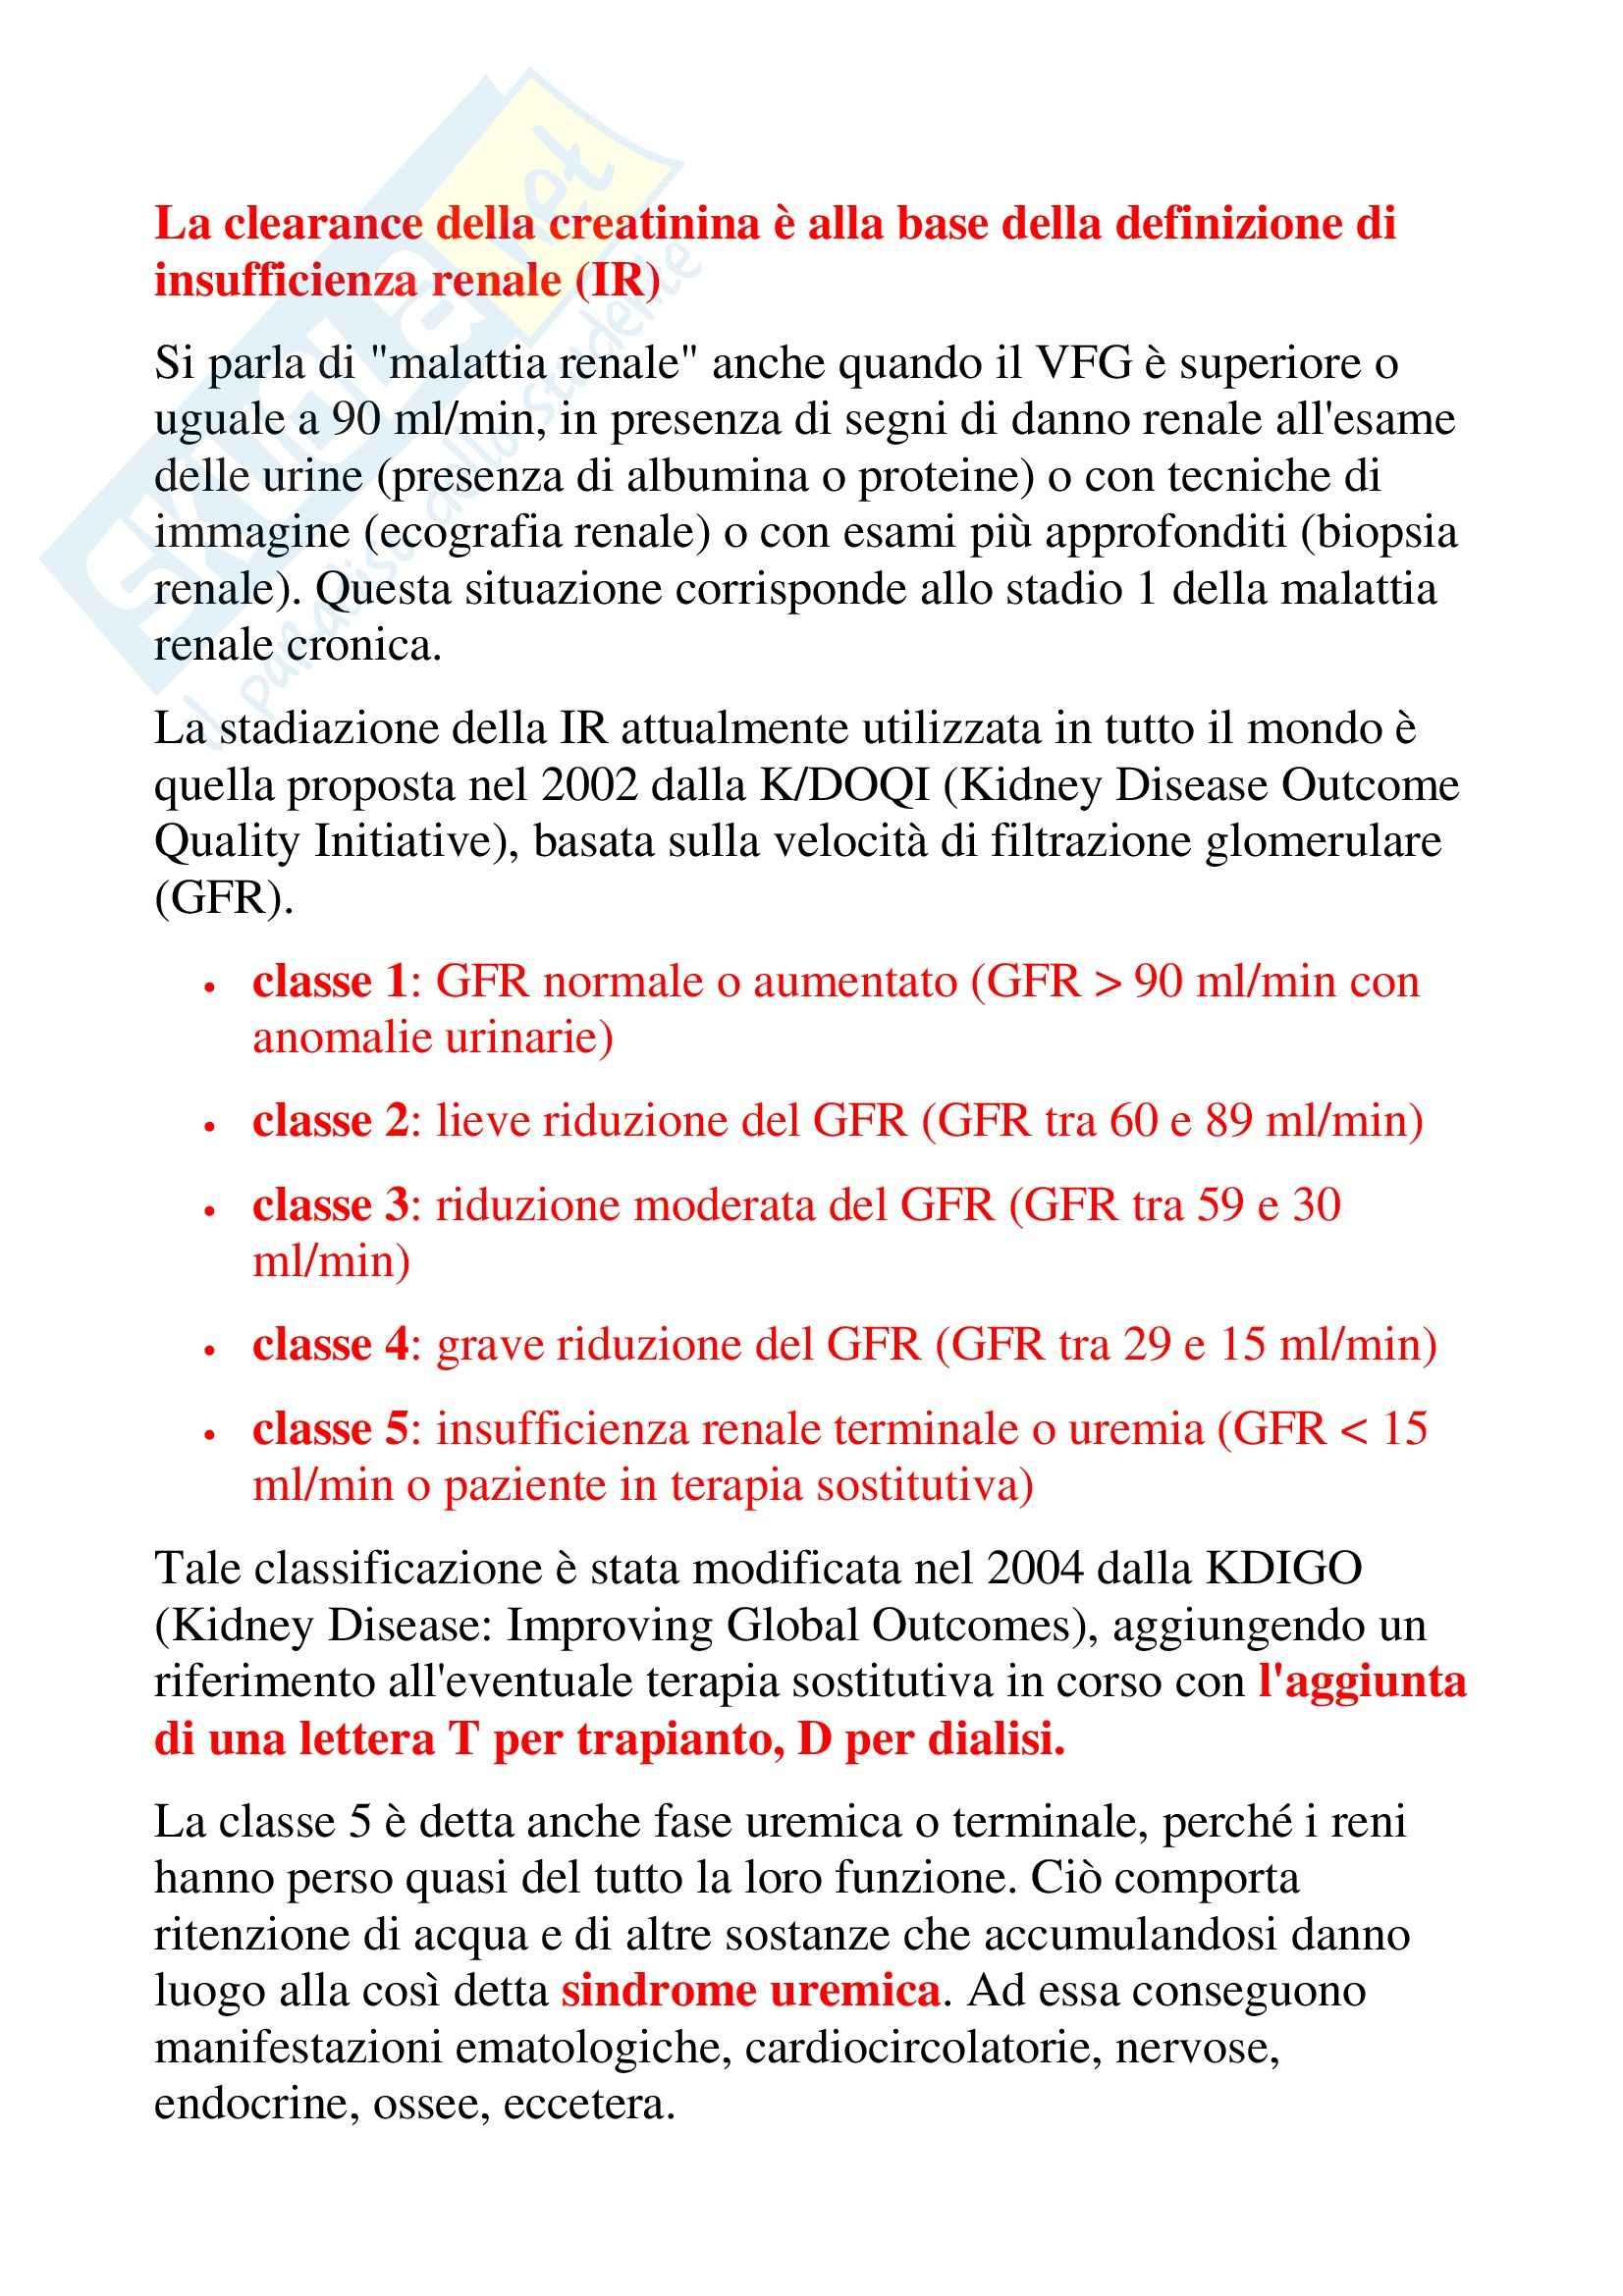 La funzione dei reni Pag. 11